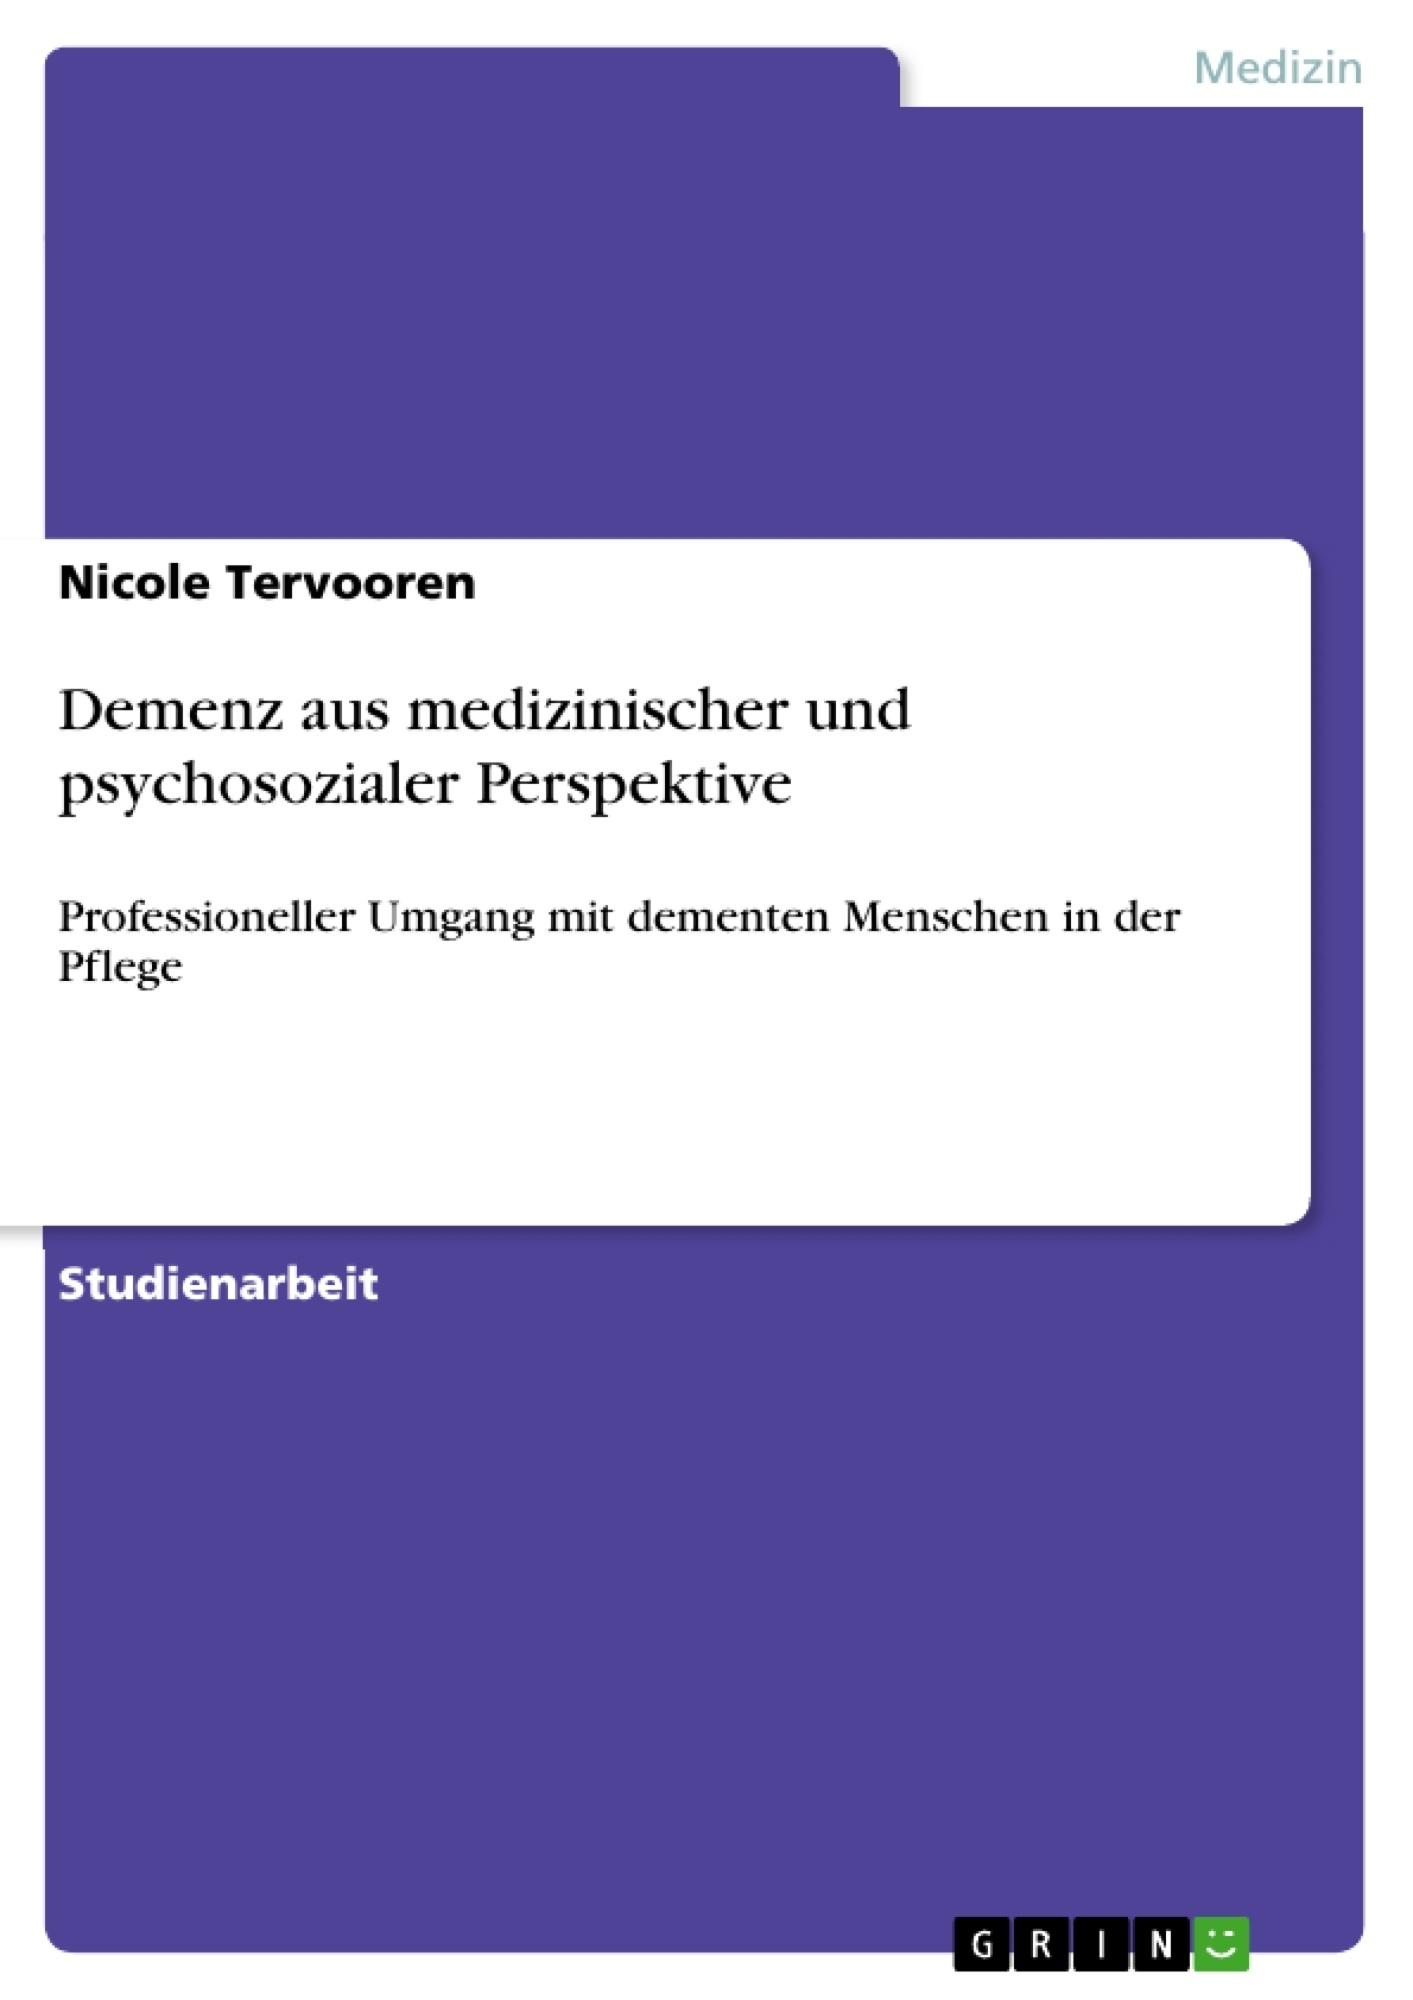 Titel: Demenz aus medizinischer und psychosozialer Perspektive